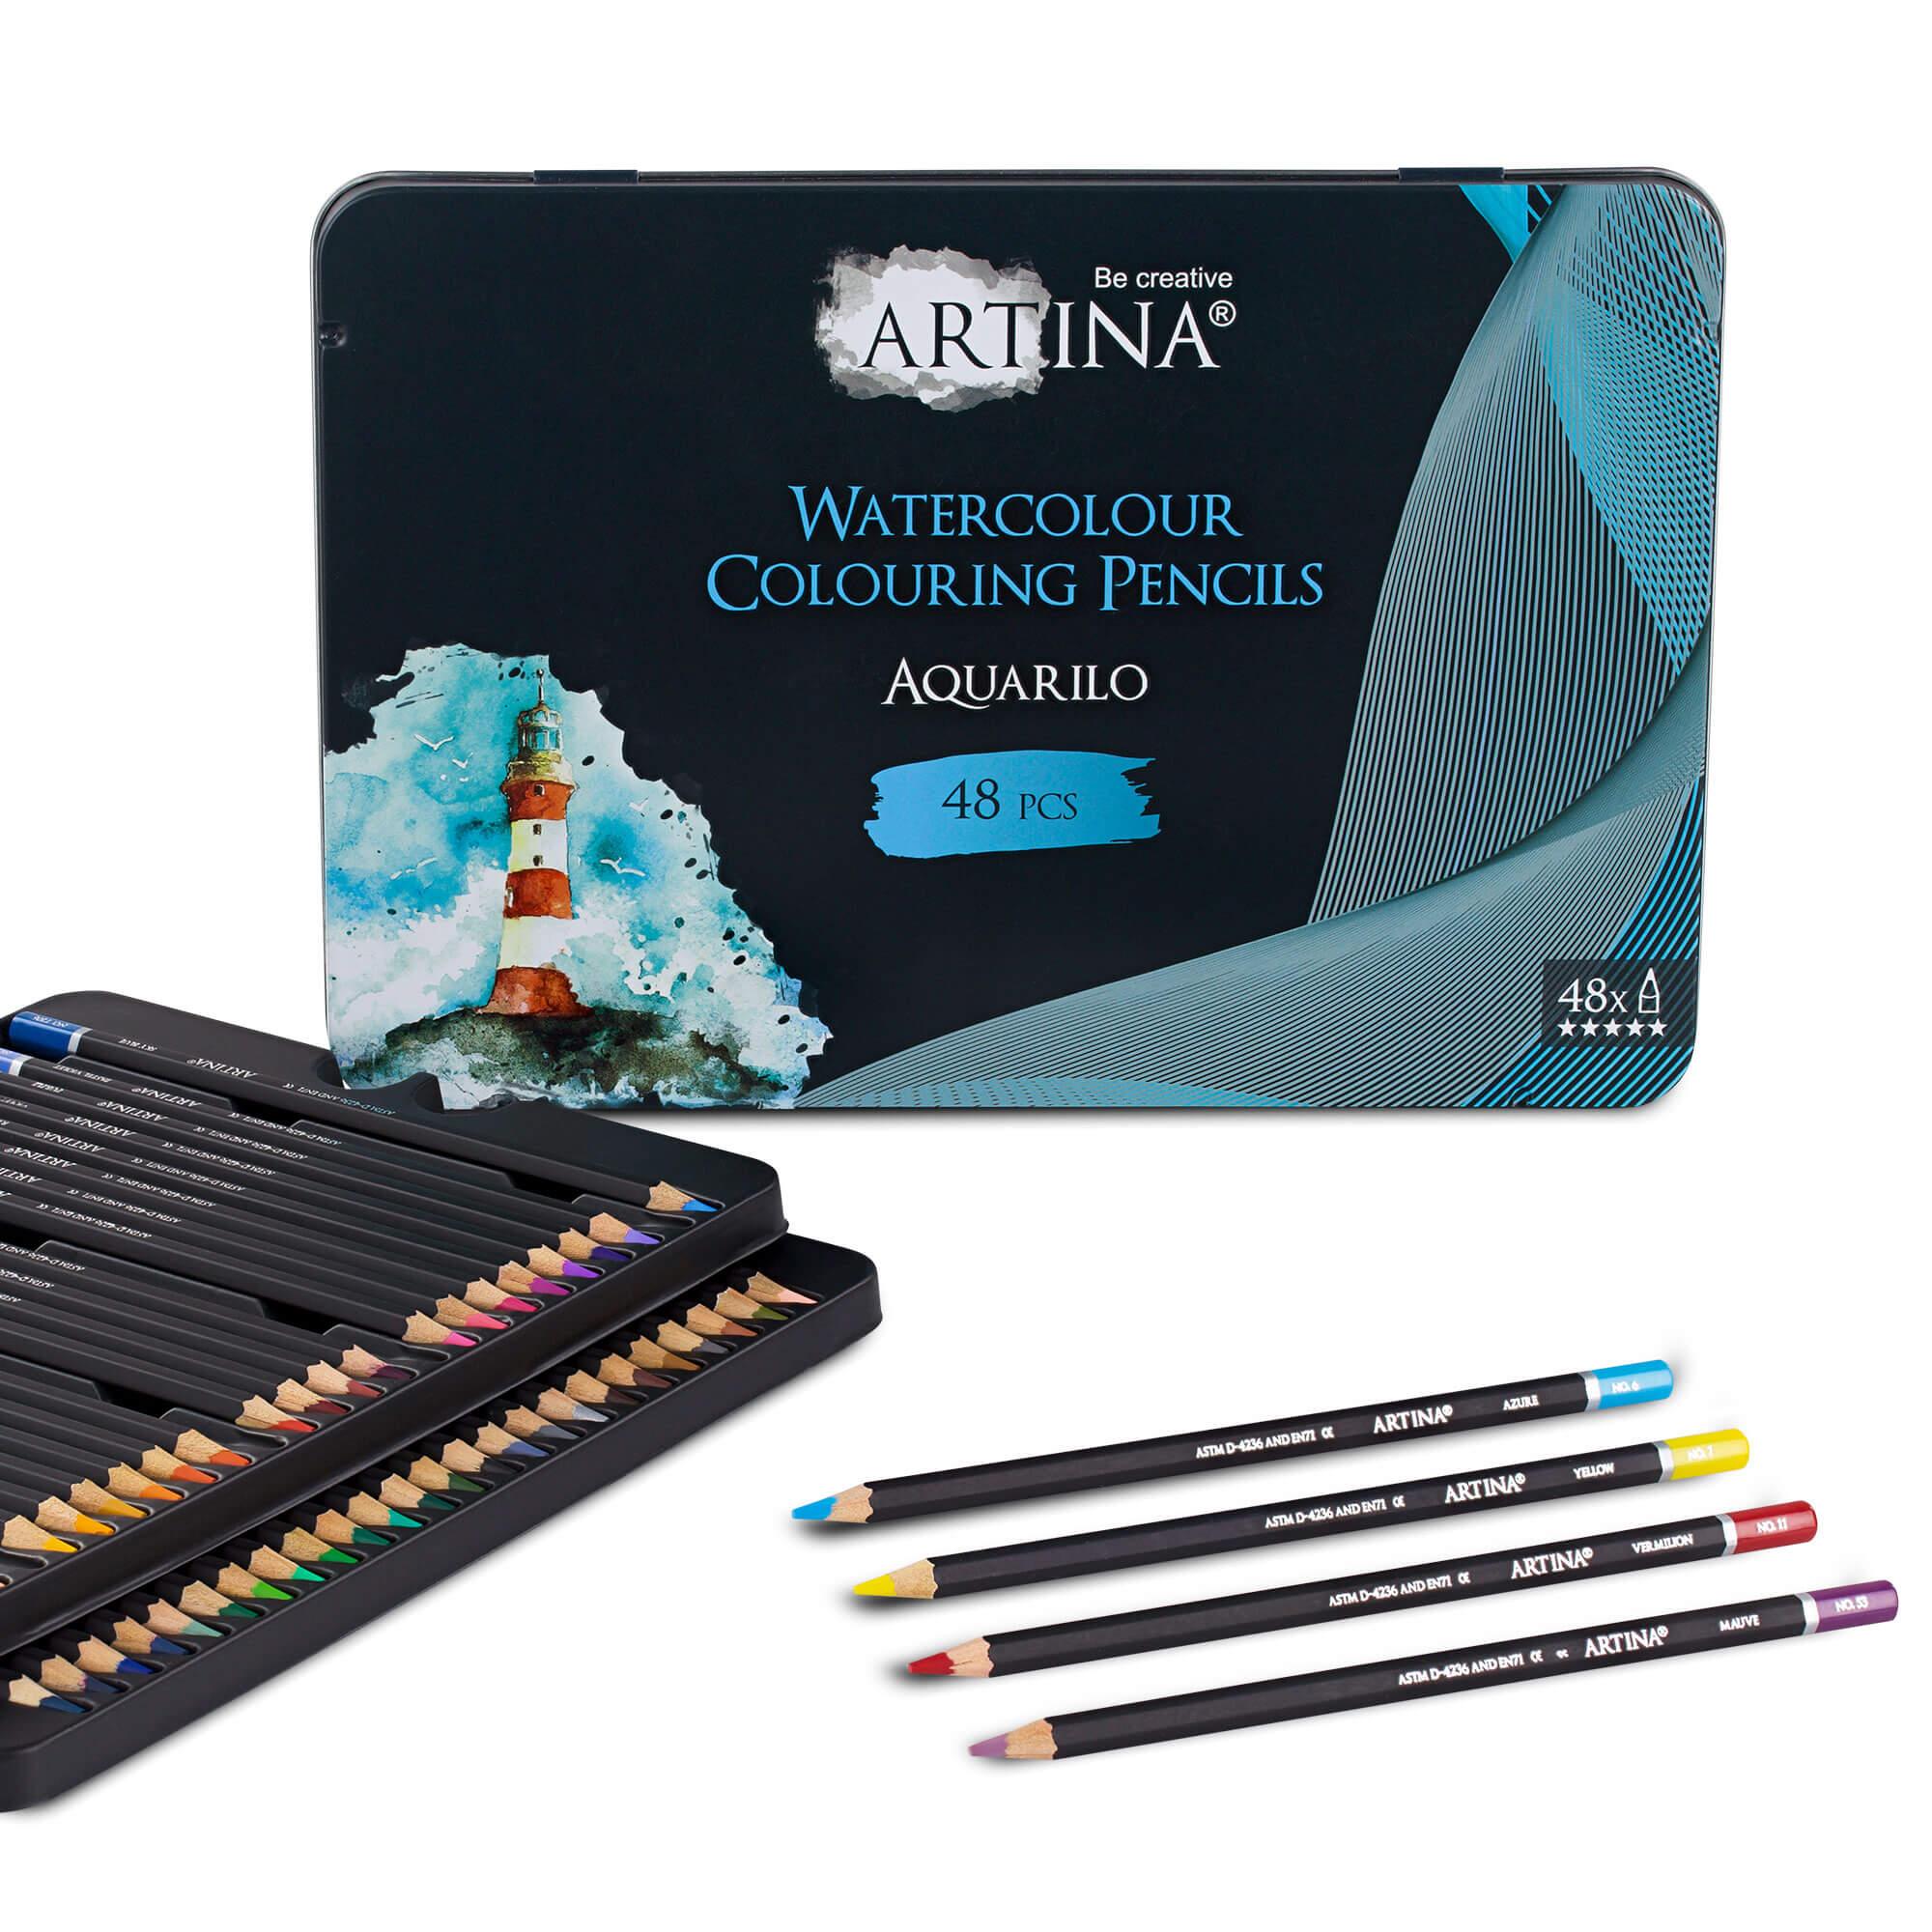 48er Set Artina Aquarell Buntstifte Aquarilo Farbstifte FSC® Zertifikat